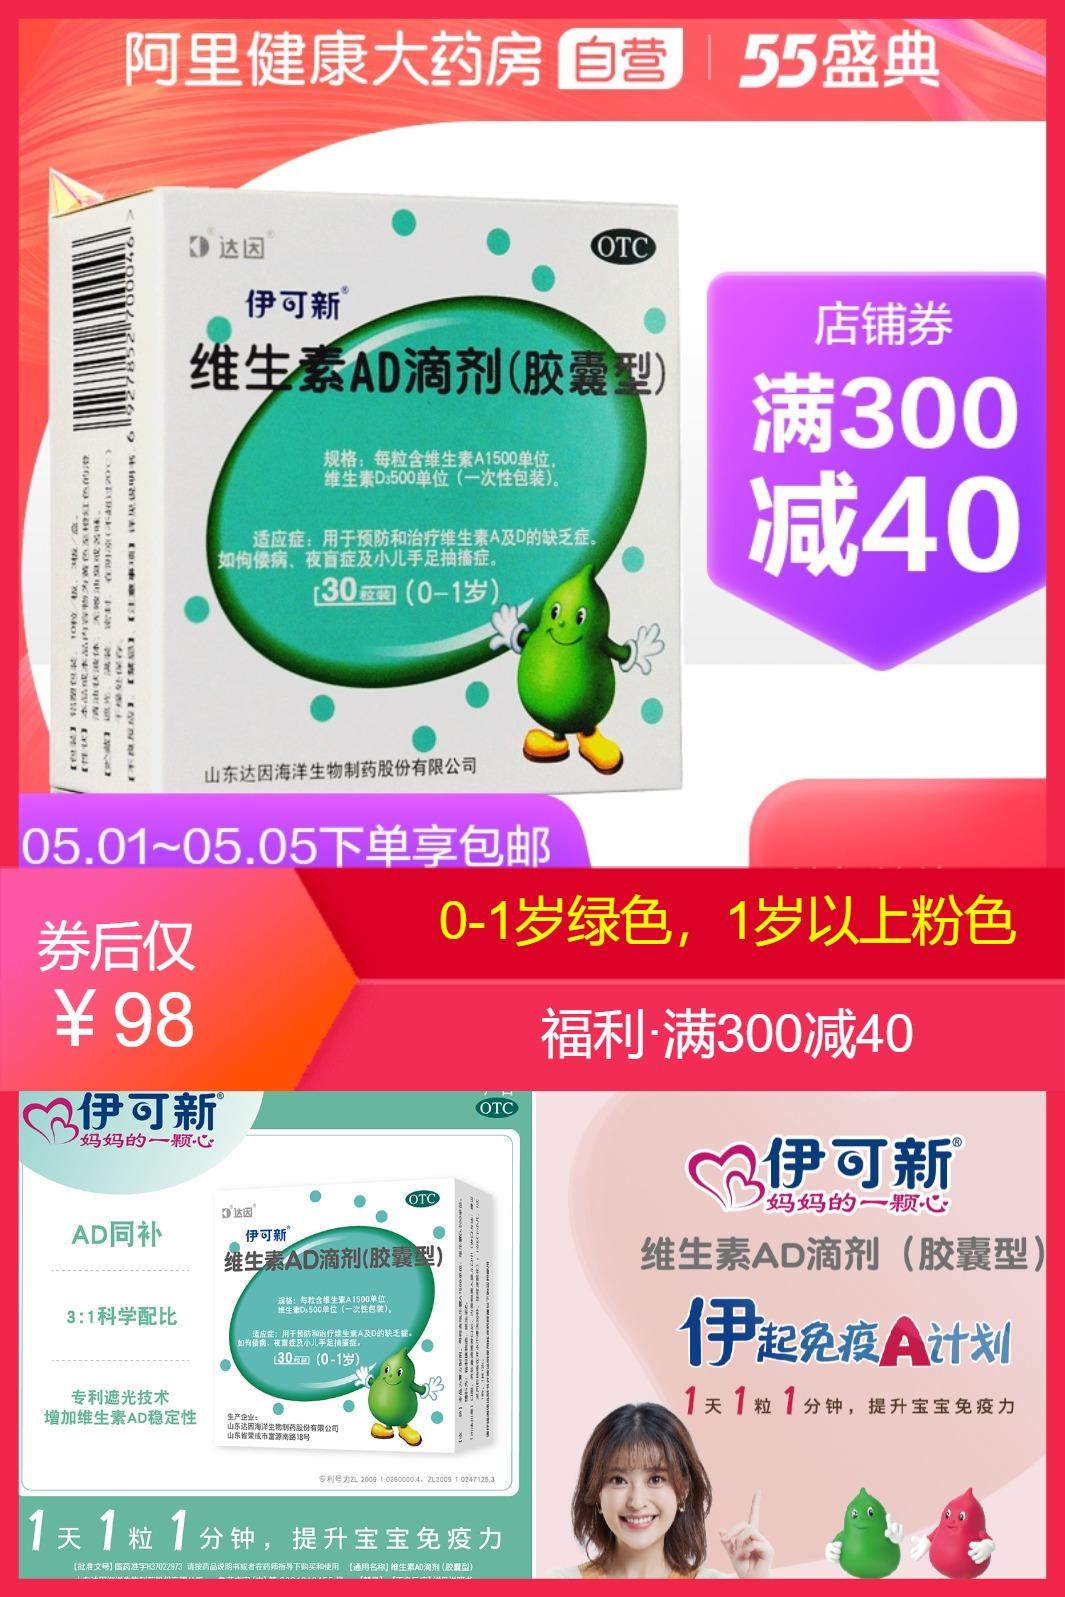 【90粒】伊可新维生素AD滴剂儿童补钙价格/报价_券后98元包邮